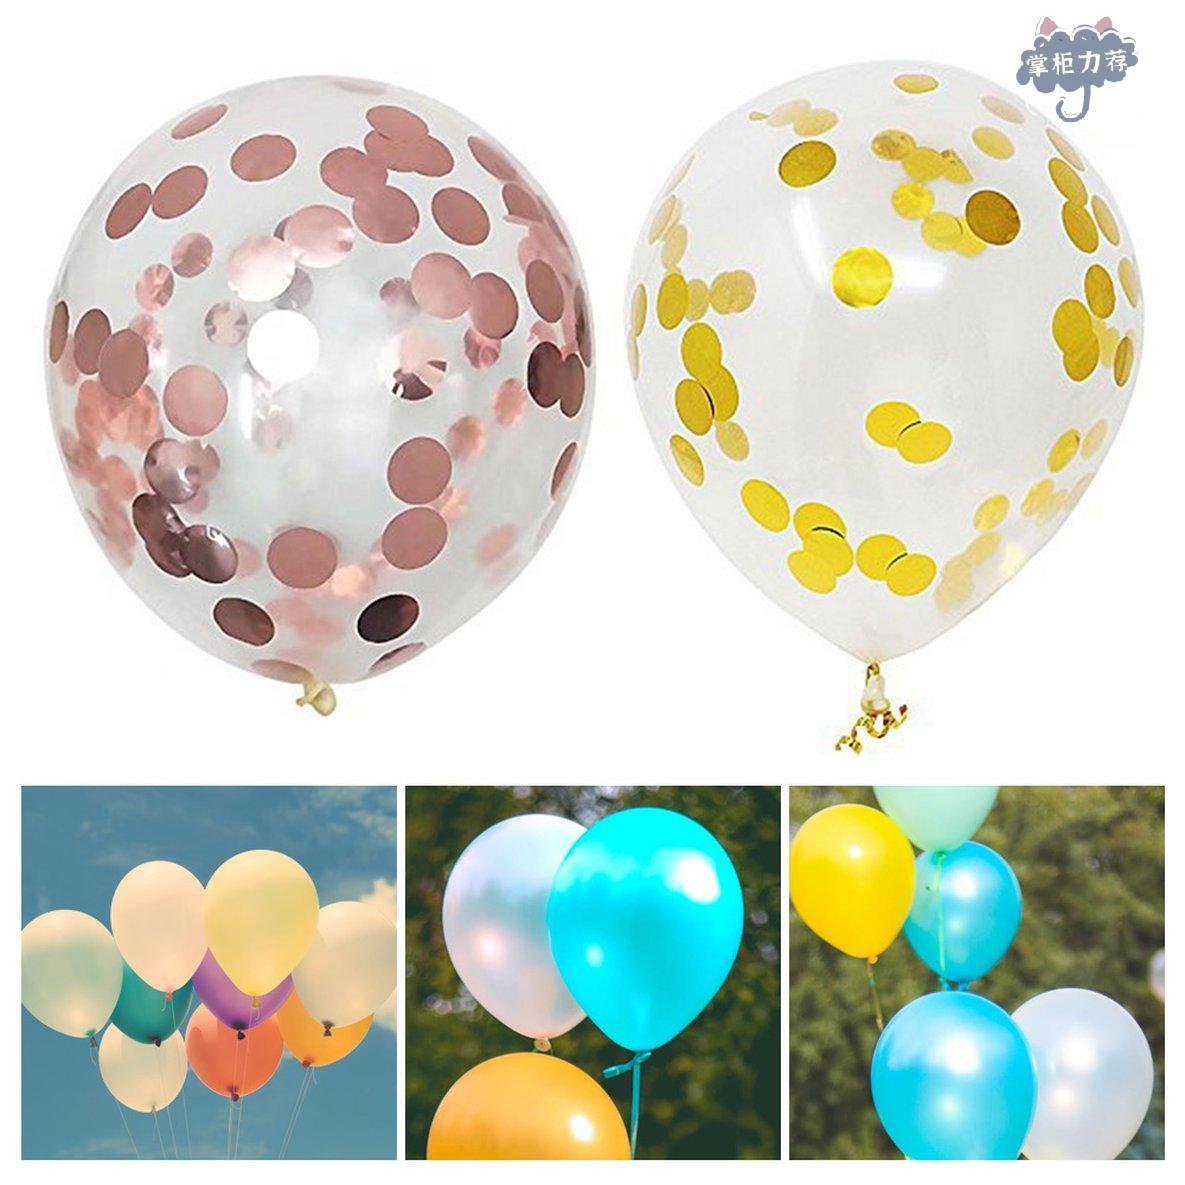 【全館免運】乳膠亮片五彩紙屑氣球派對氣球透明派對裝飾